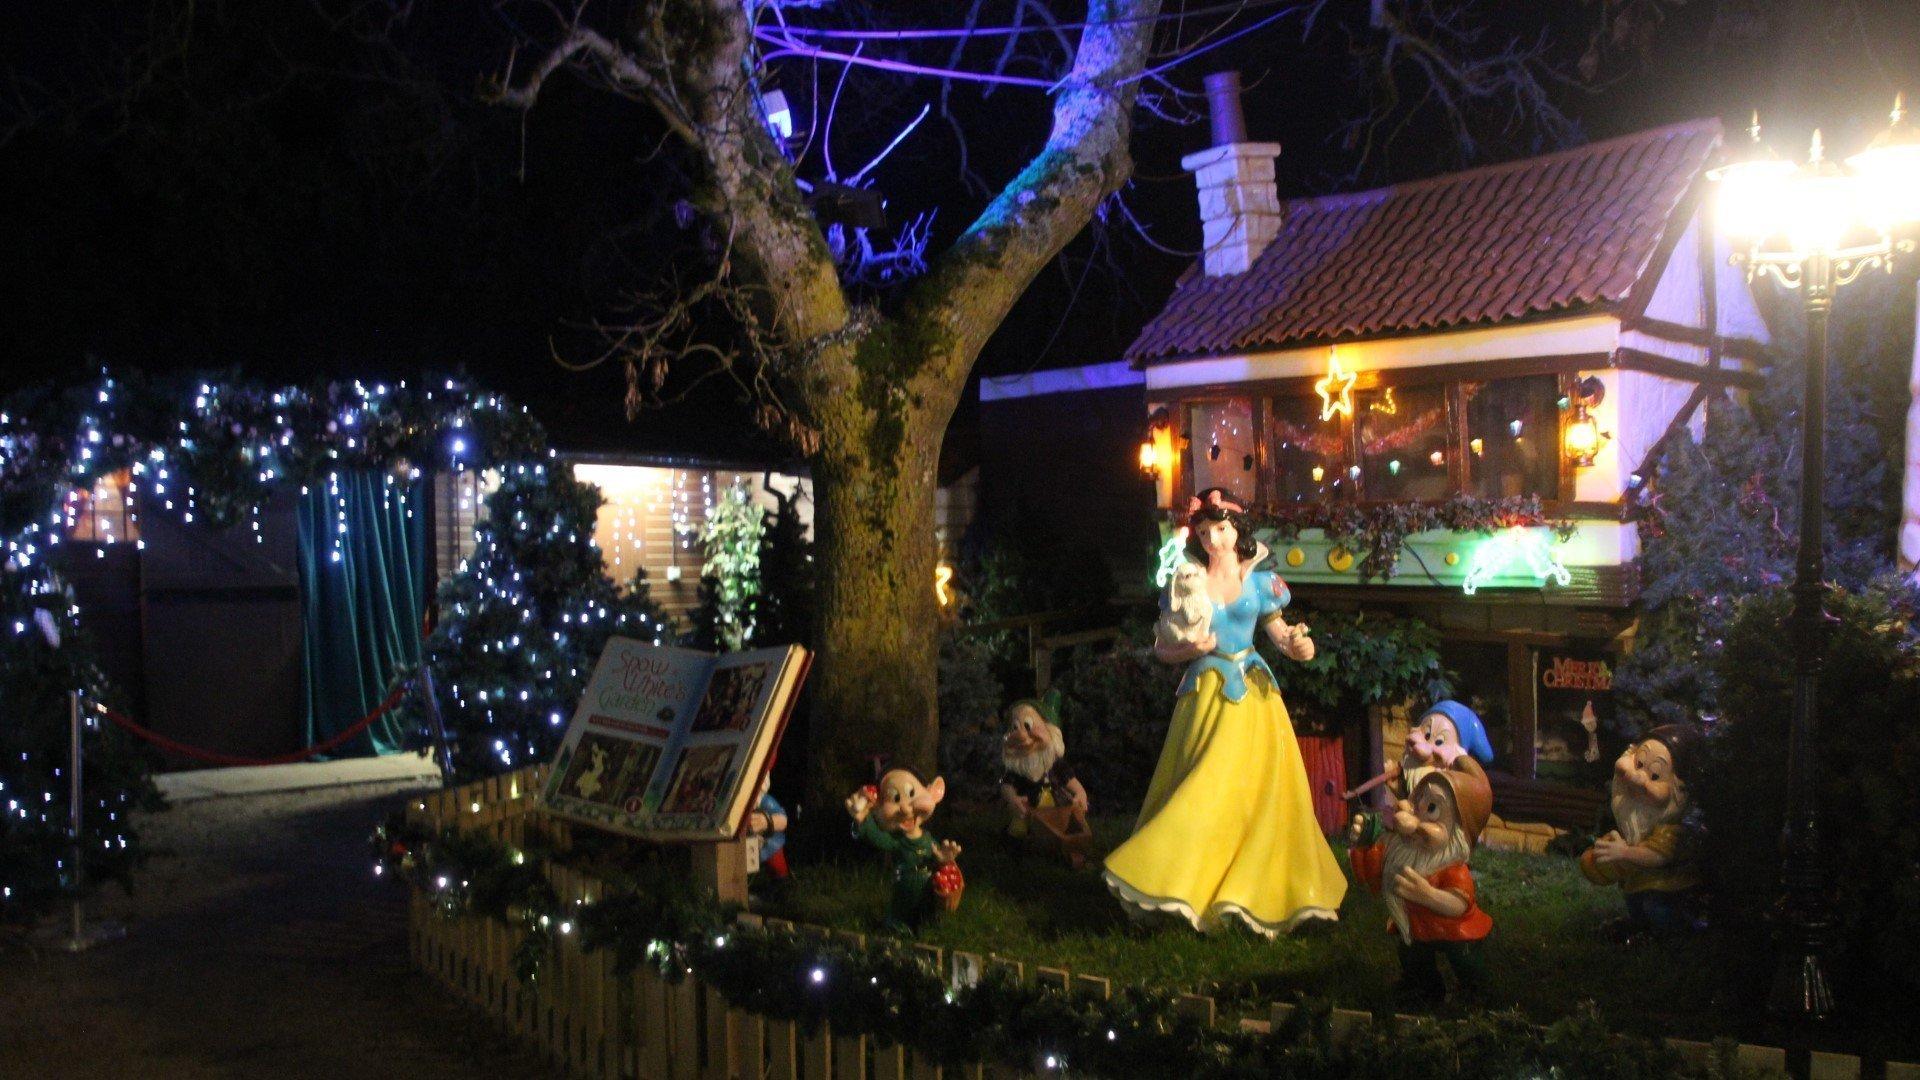 Christmas Fairytale 2021 at Fairytale Farm